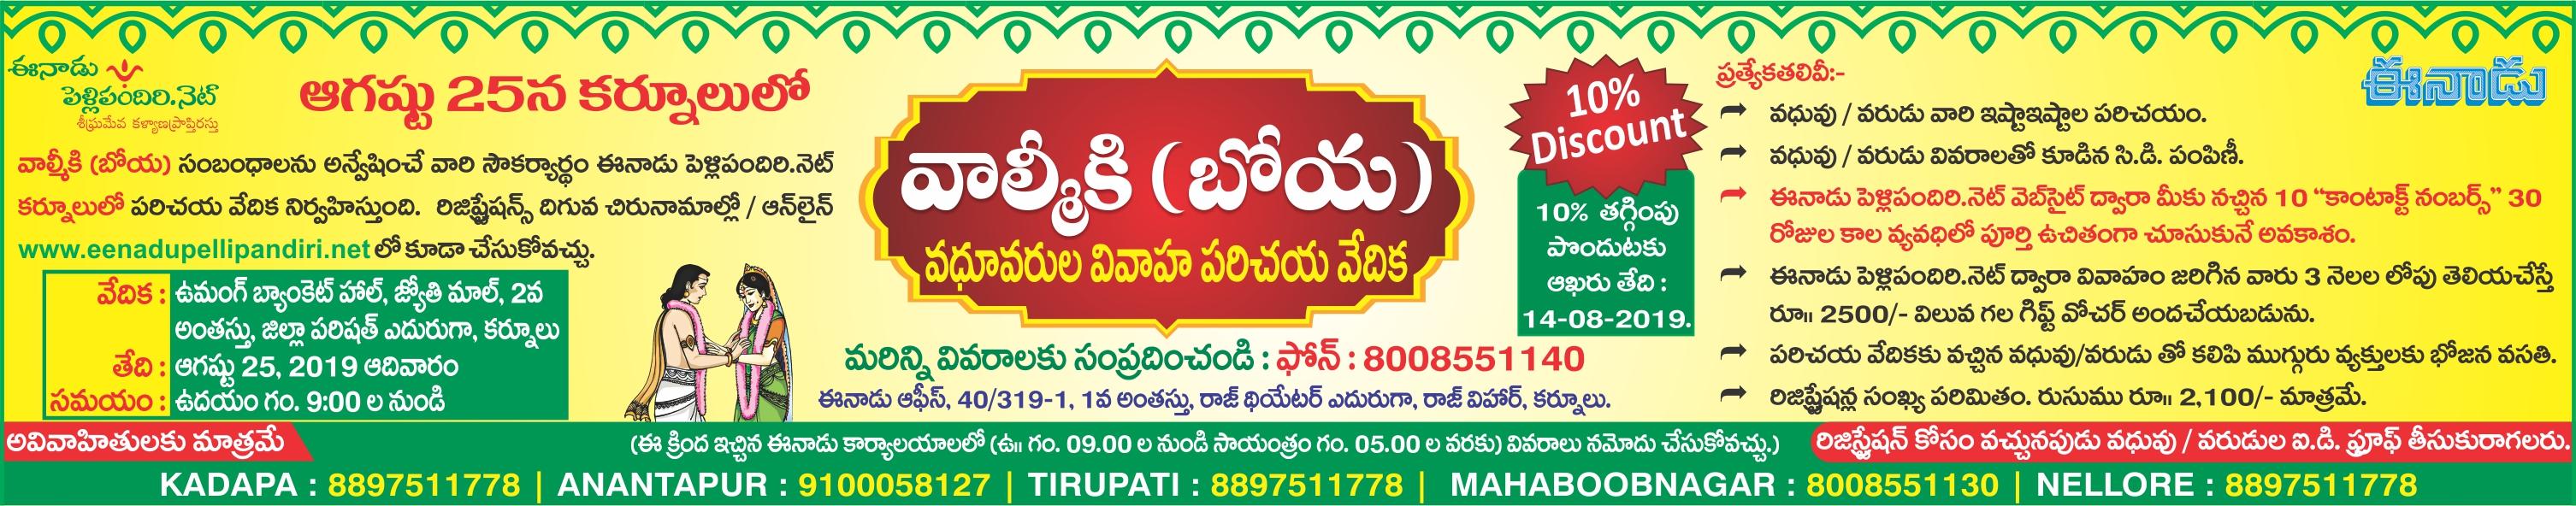 Matrimony-Telugu Matrimonial | Indian Matrimonial Site | Matrimonial